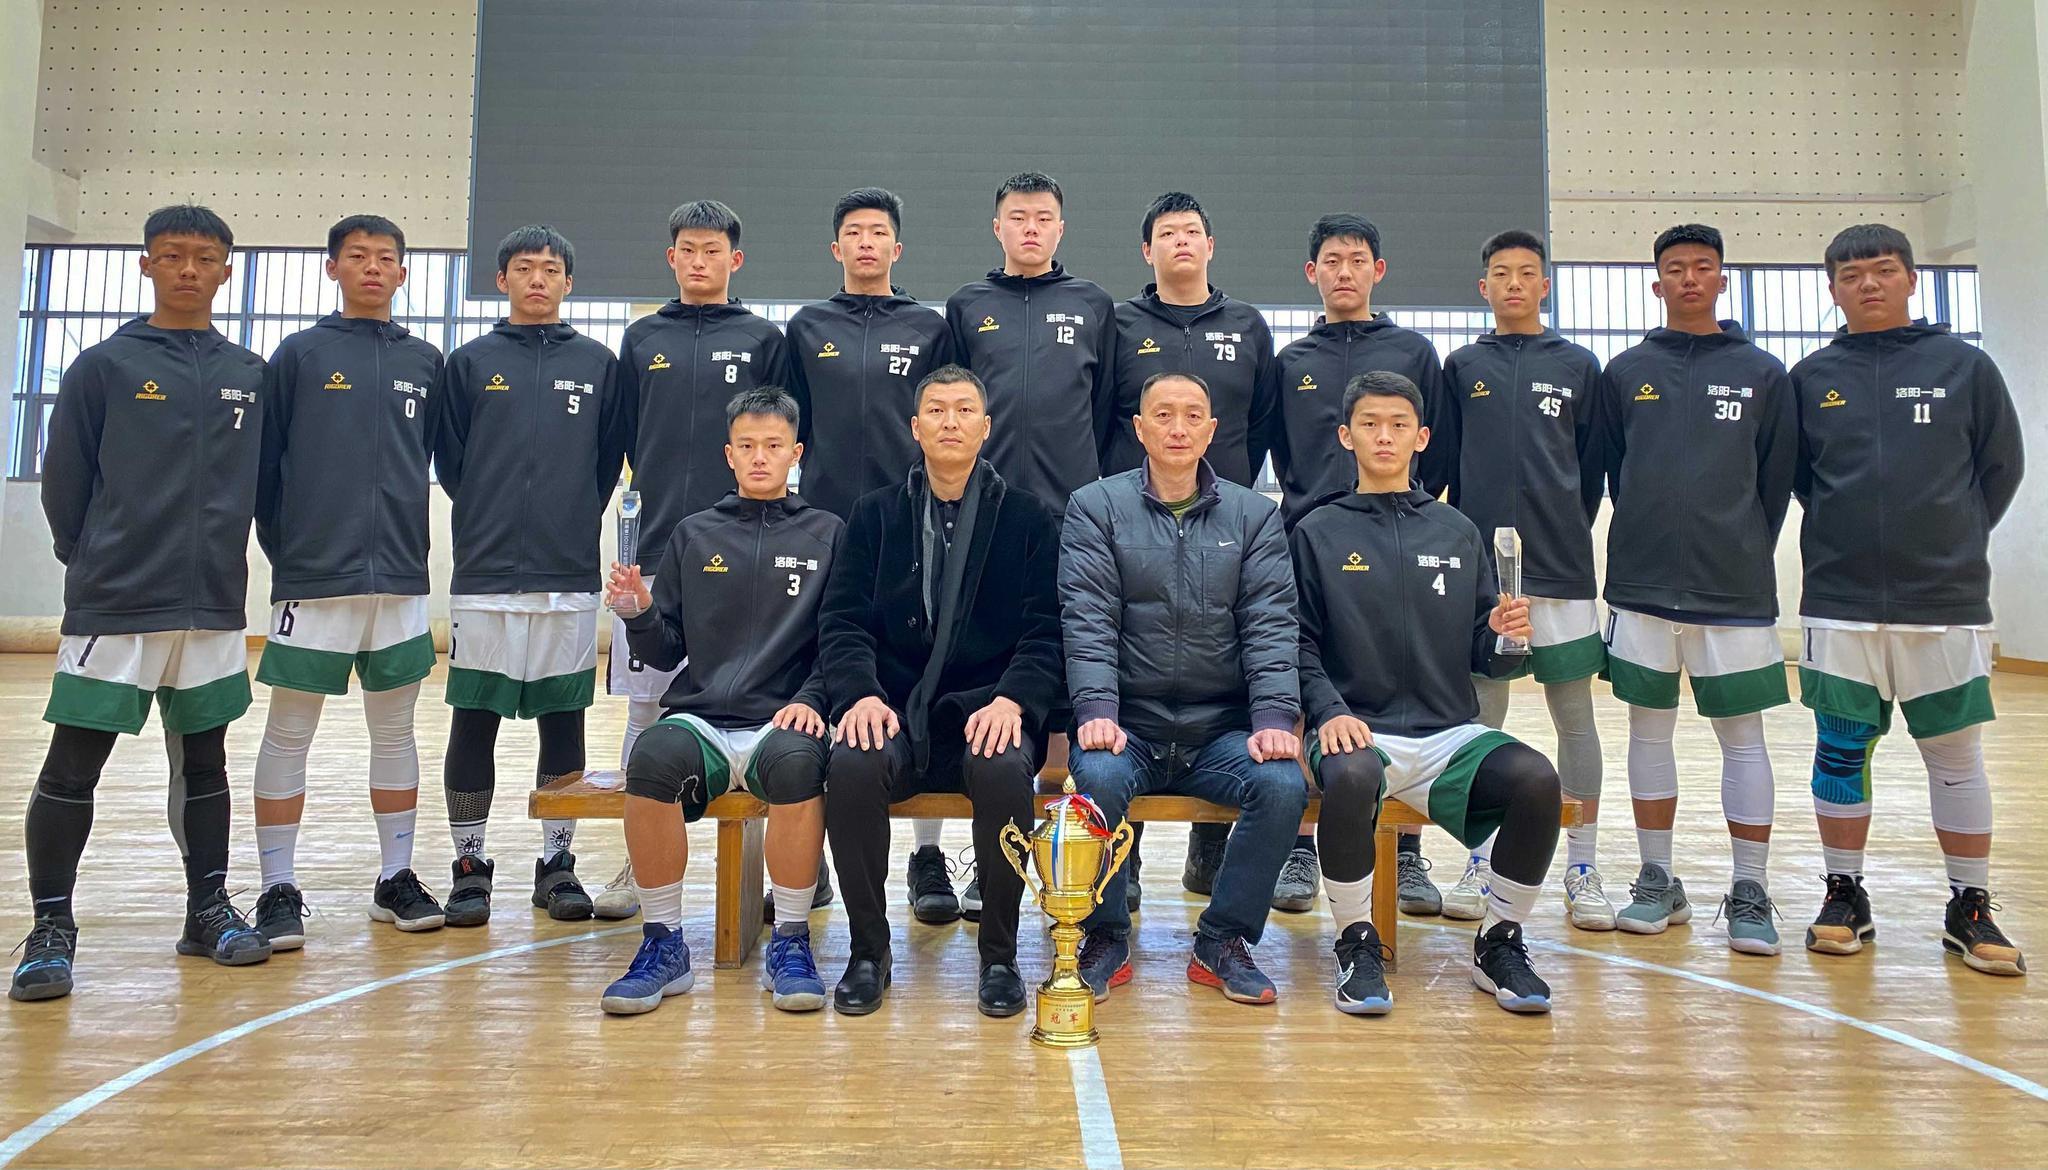 洛阳一高男子篮球队斩获省级联赛高中组冠军